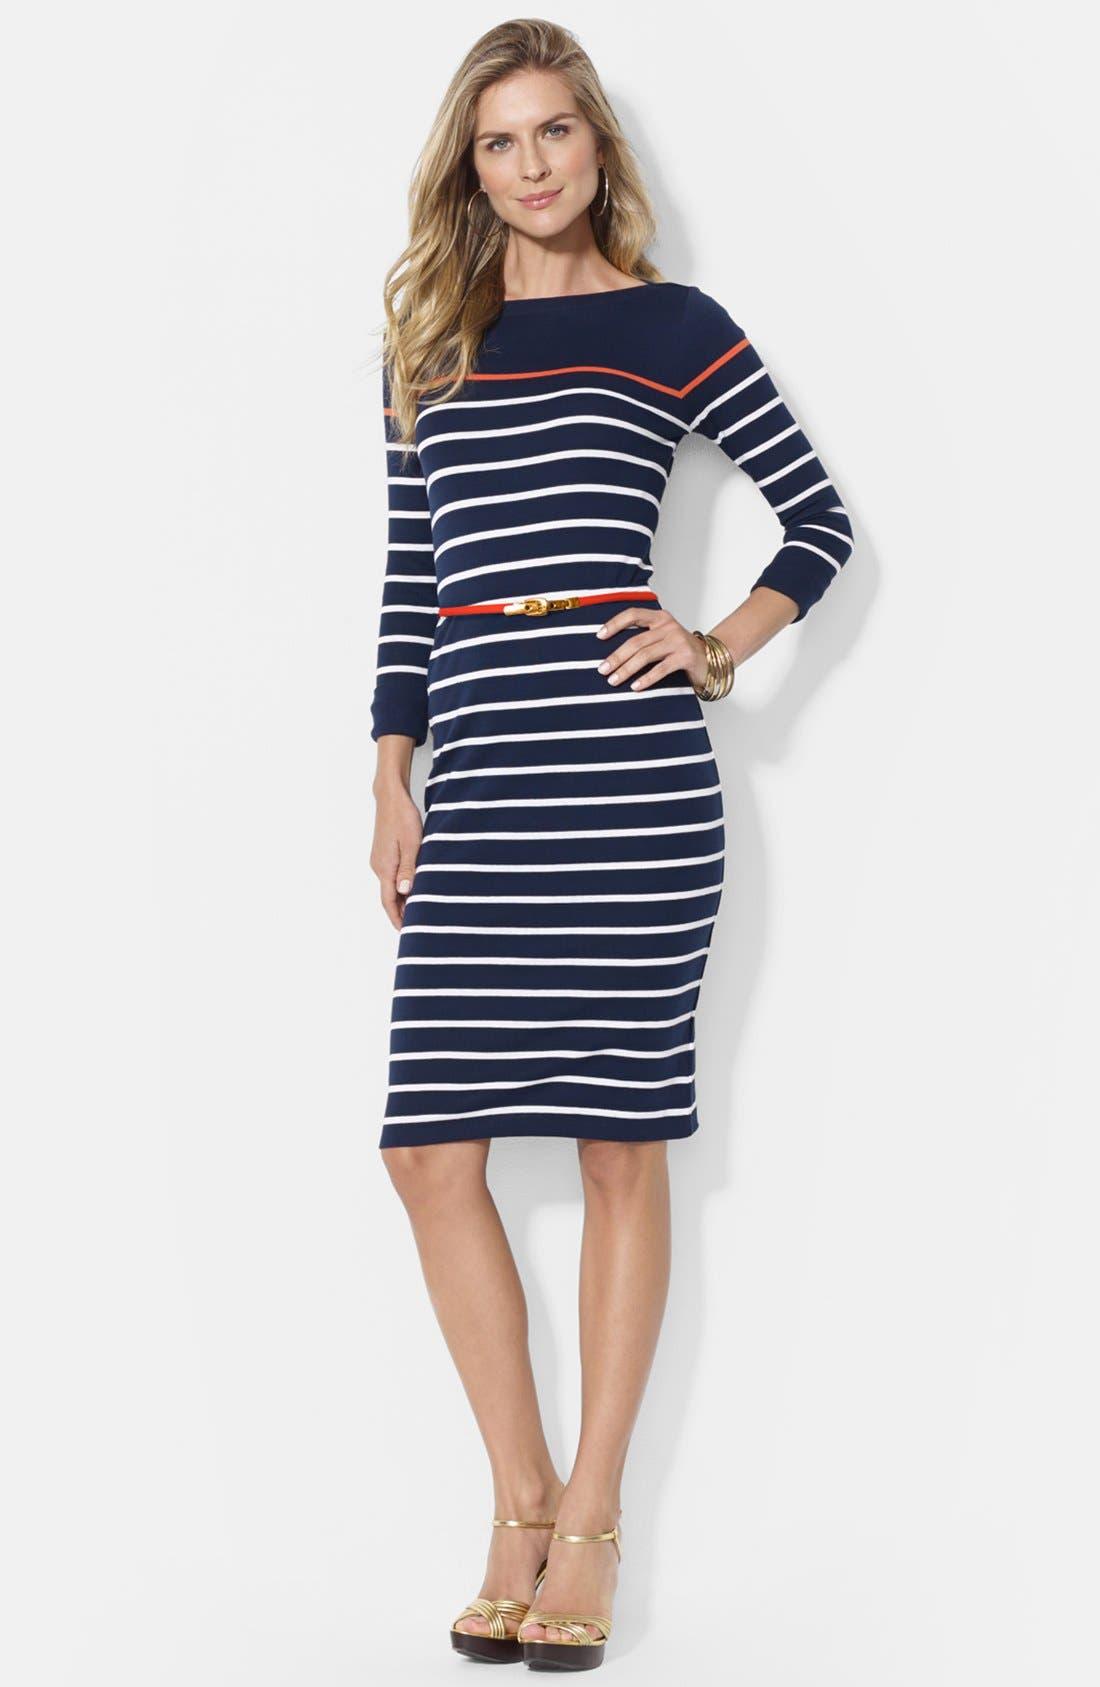 Alternate Image 1 Selected - Lauren Ralph Lauren Stripe Boat Neck Cotton Dress